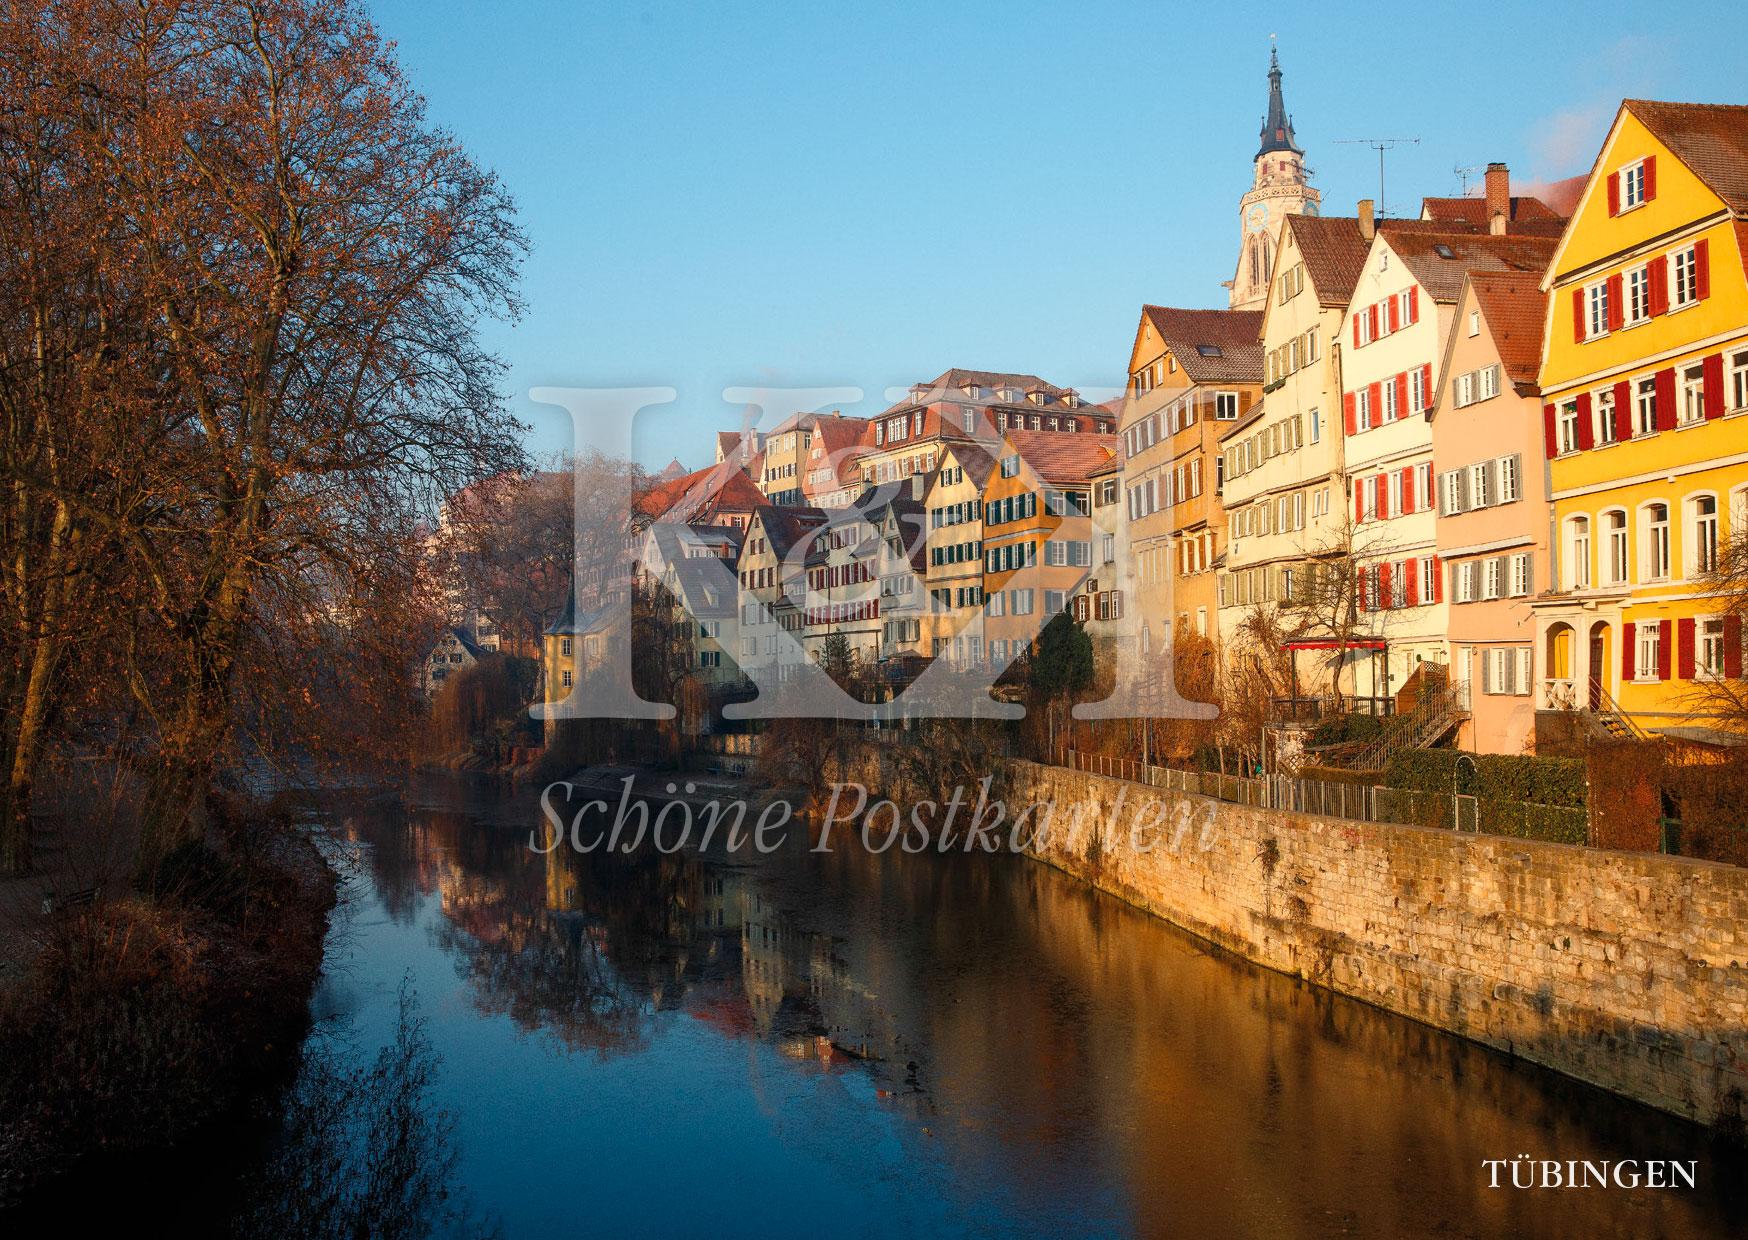 Schöne Postkarten Nr. 239 · Hölderlinturm mit Neckarfront in der Morgensonne © 2018